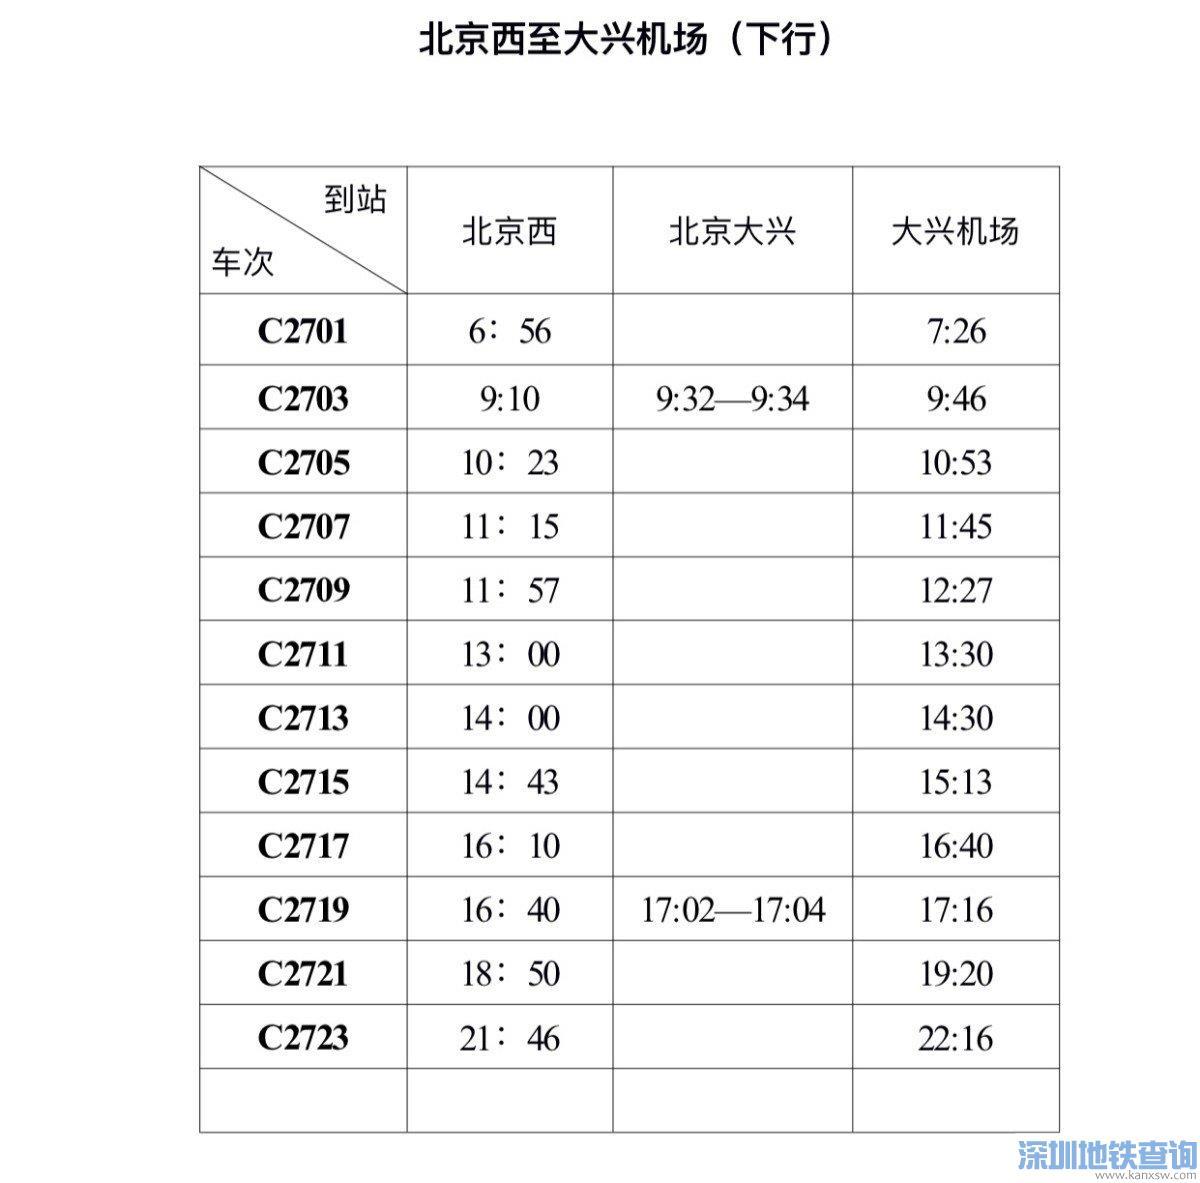 全国铁路新列车运行图10月11日起实行 京雄城际铁路时刻表12对先行开跑